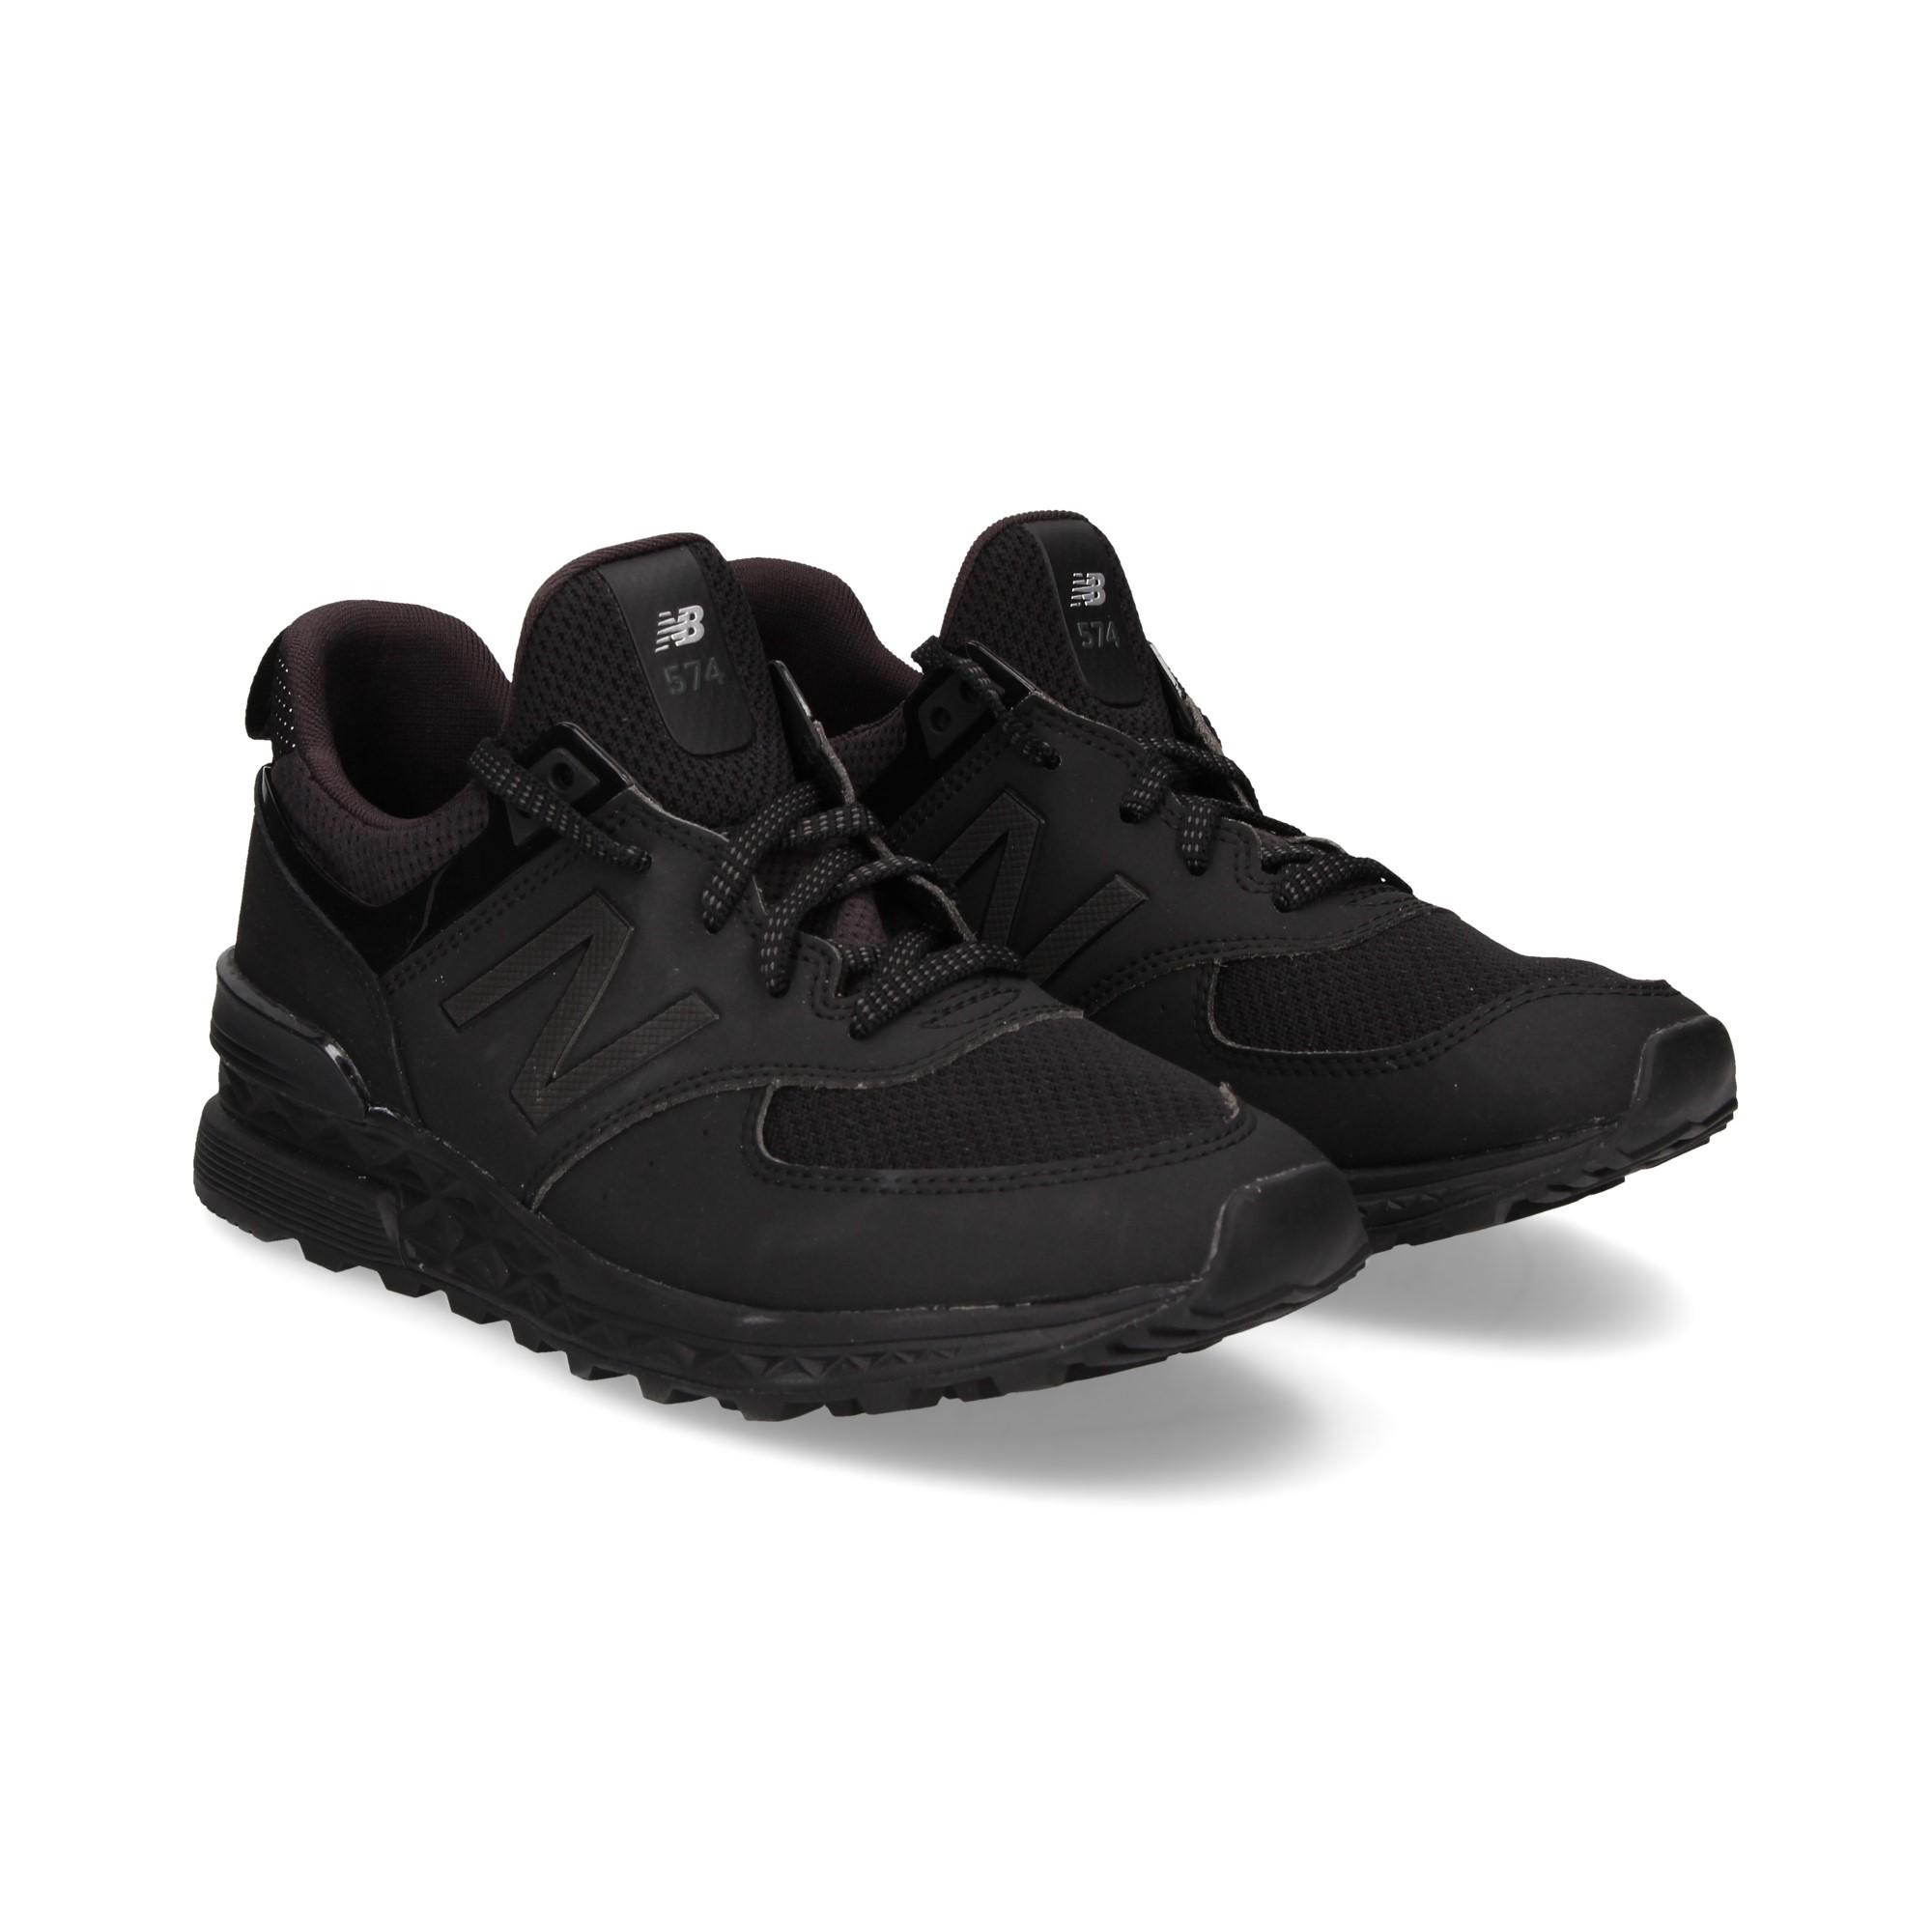 NEW BALANCE Men's sneakers MS574SCF NEGRO